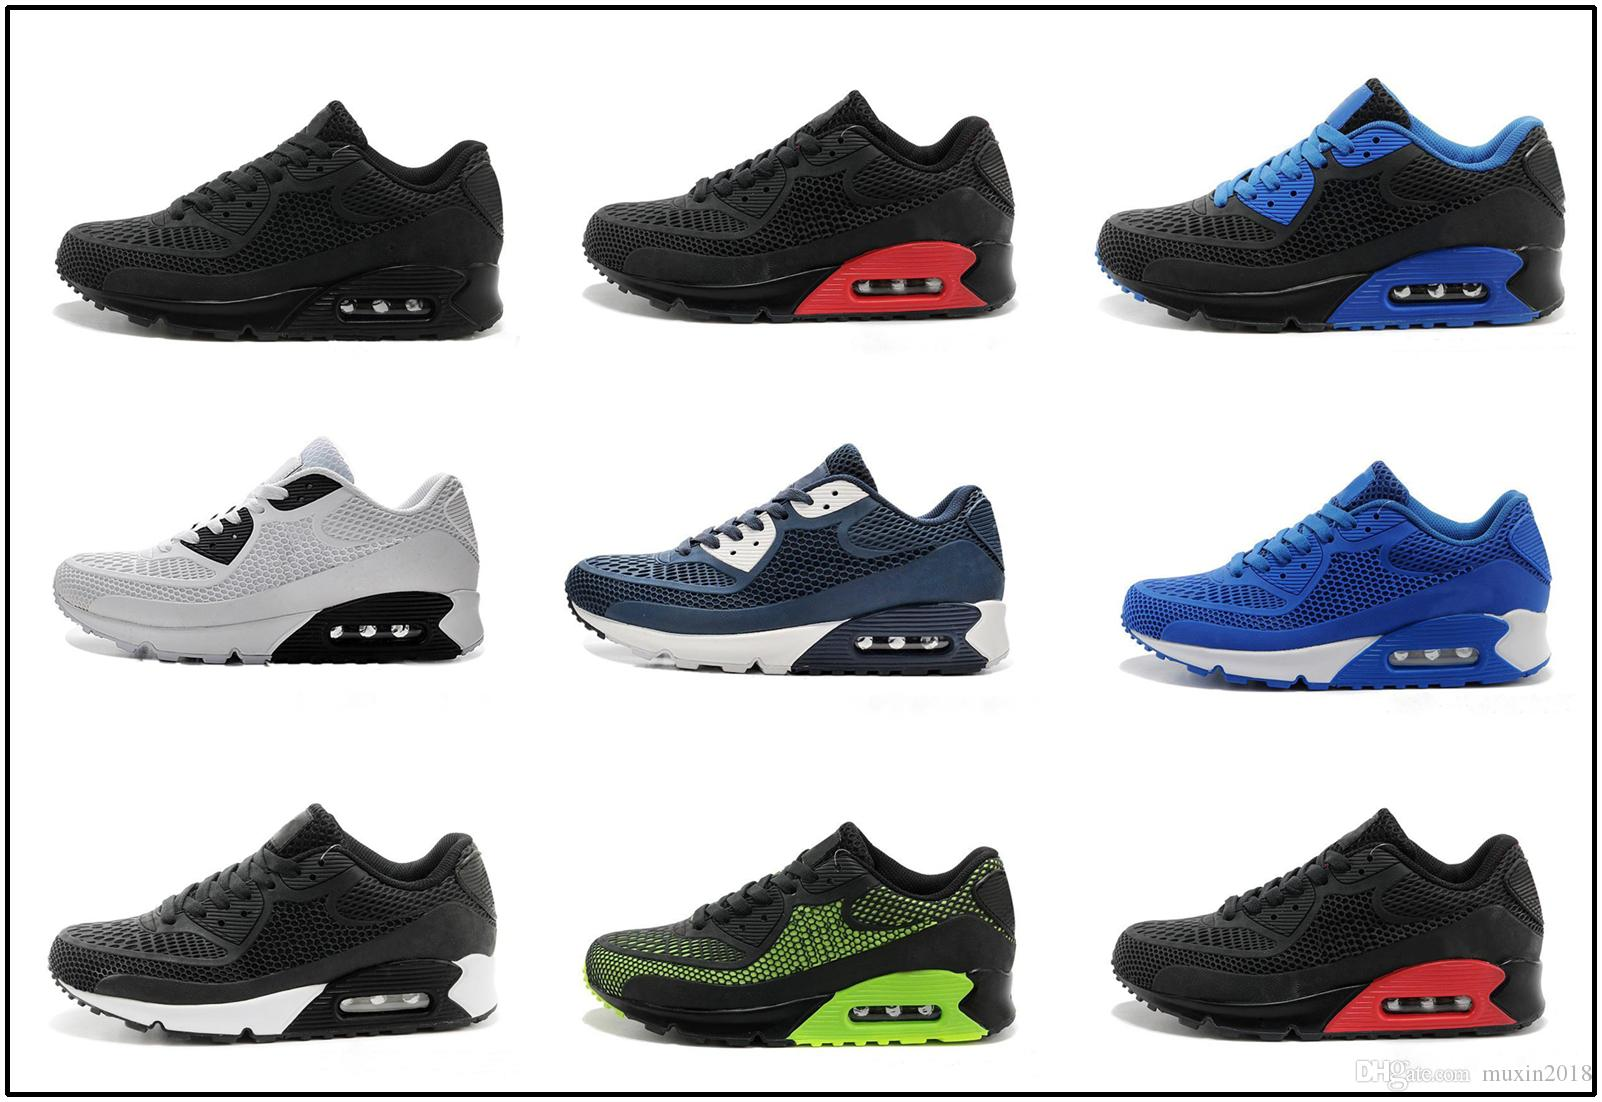 nike air max 90 kpu airmax 2018 Nouveau Coussin 90 KPU Hommes Chaussures de Sport Haute Qualité Classique Baskets Pas Cher 10 couleurs Chaussures De